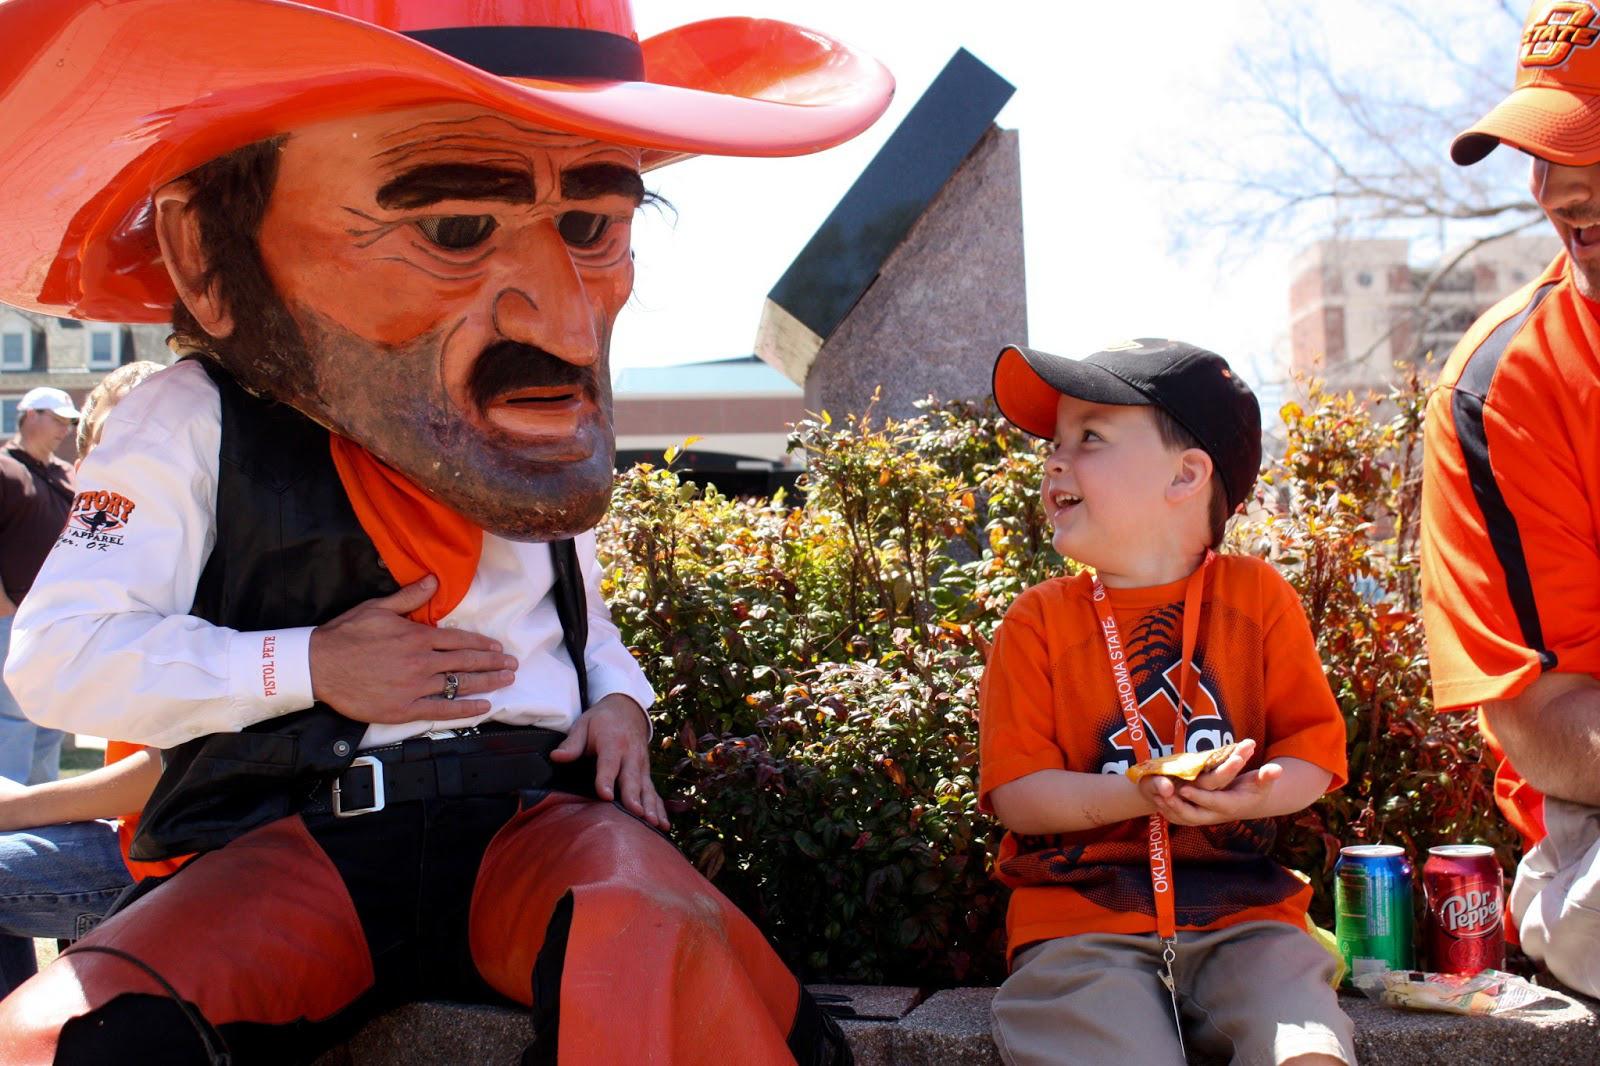 Pistol Pete, linh vật của Đại học bang Oklahoma, đang tiếp chuyện vị khách nhí